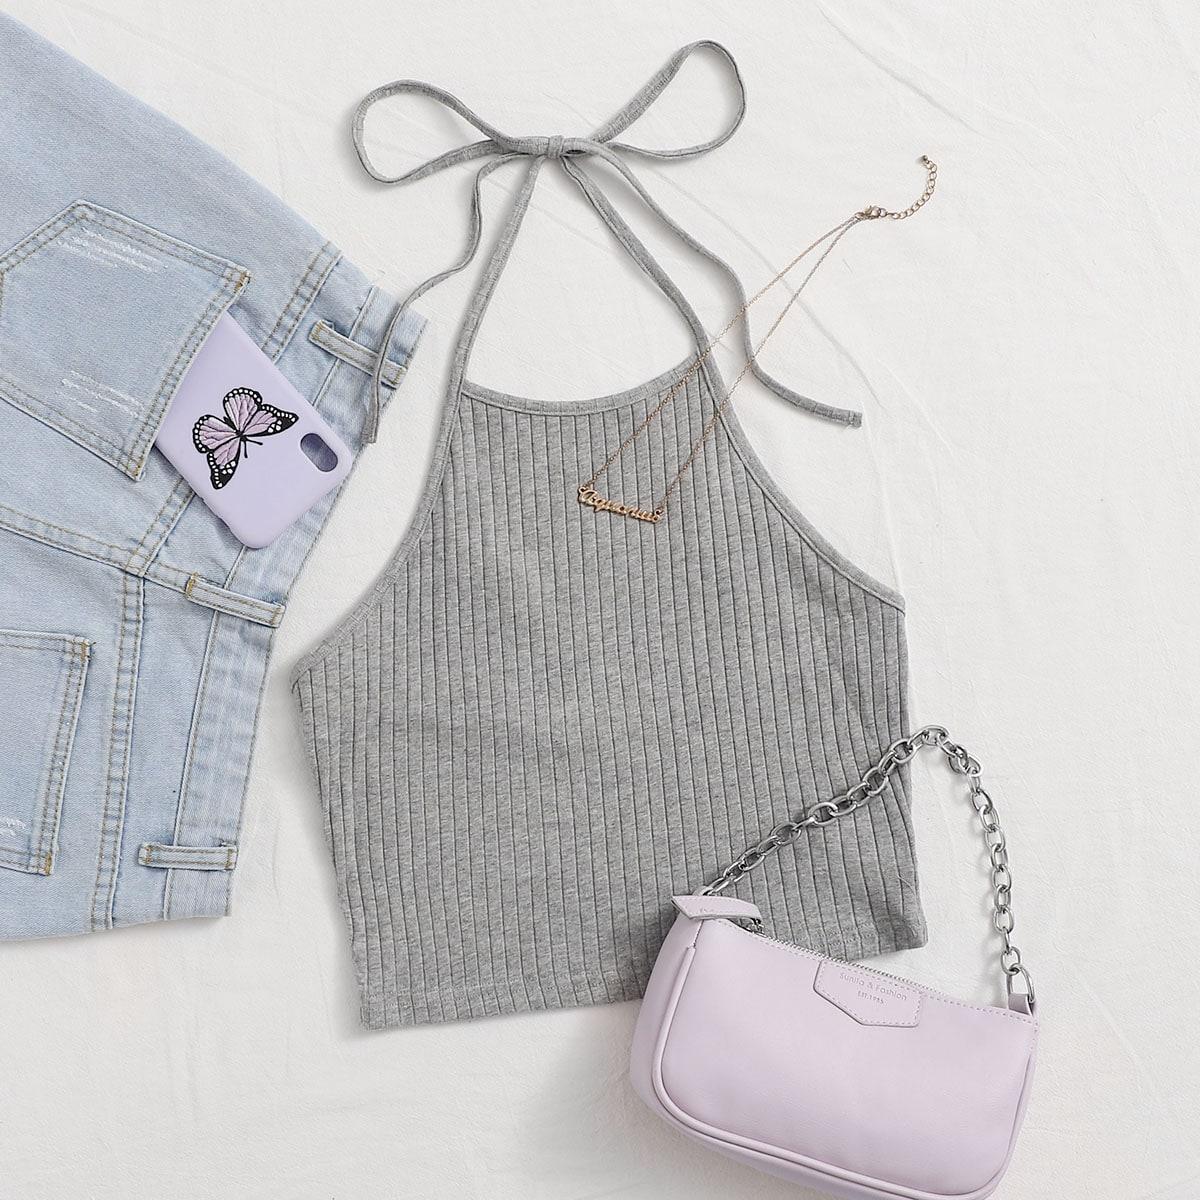 SHEIN / Tie Back Rib-knit Crop Halter Top